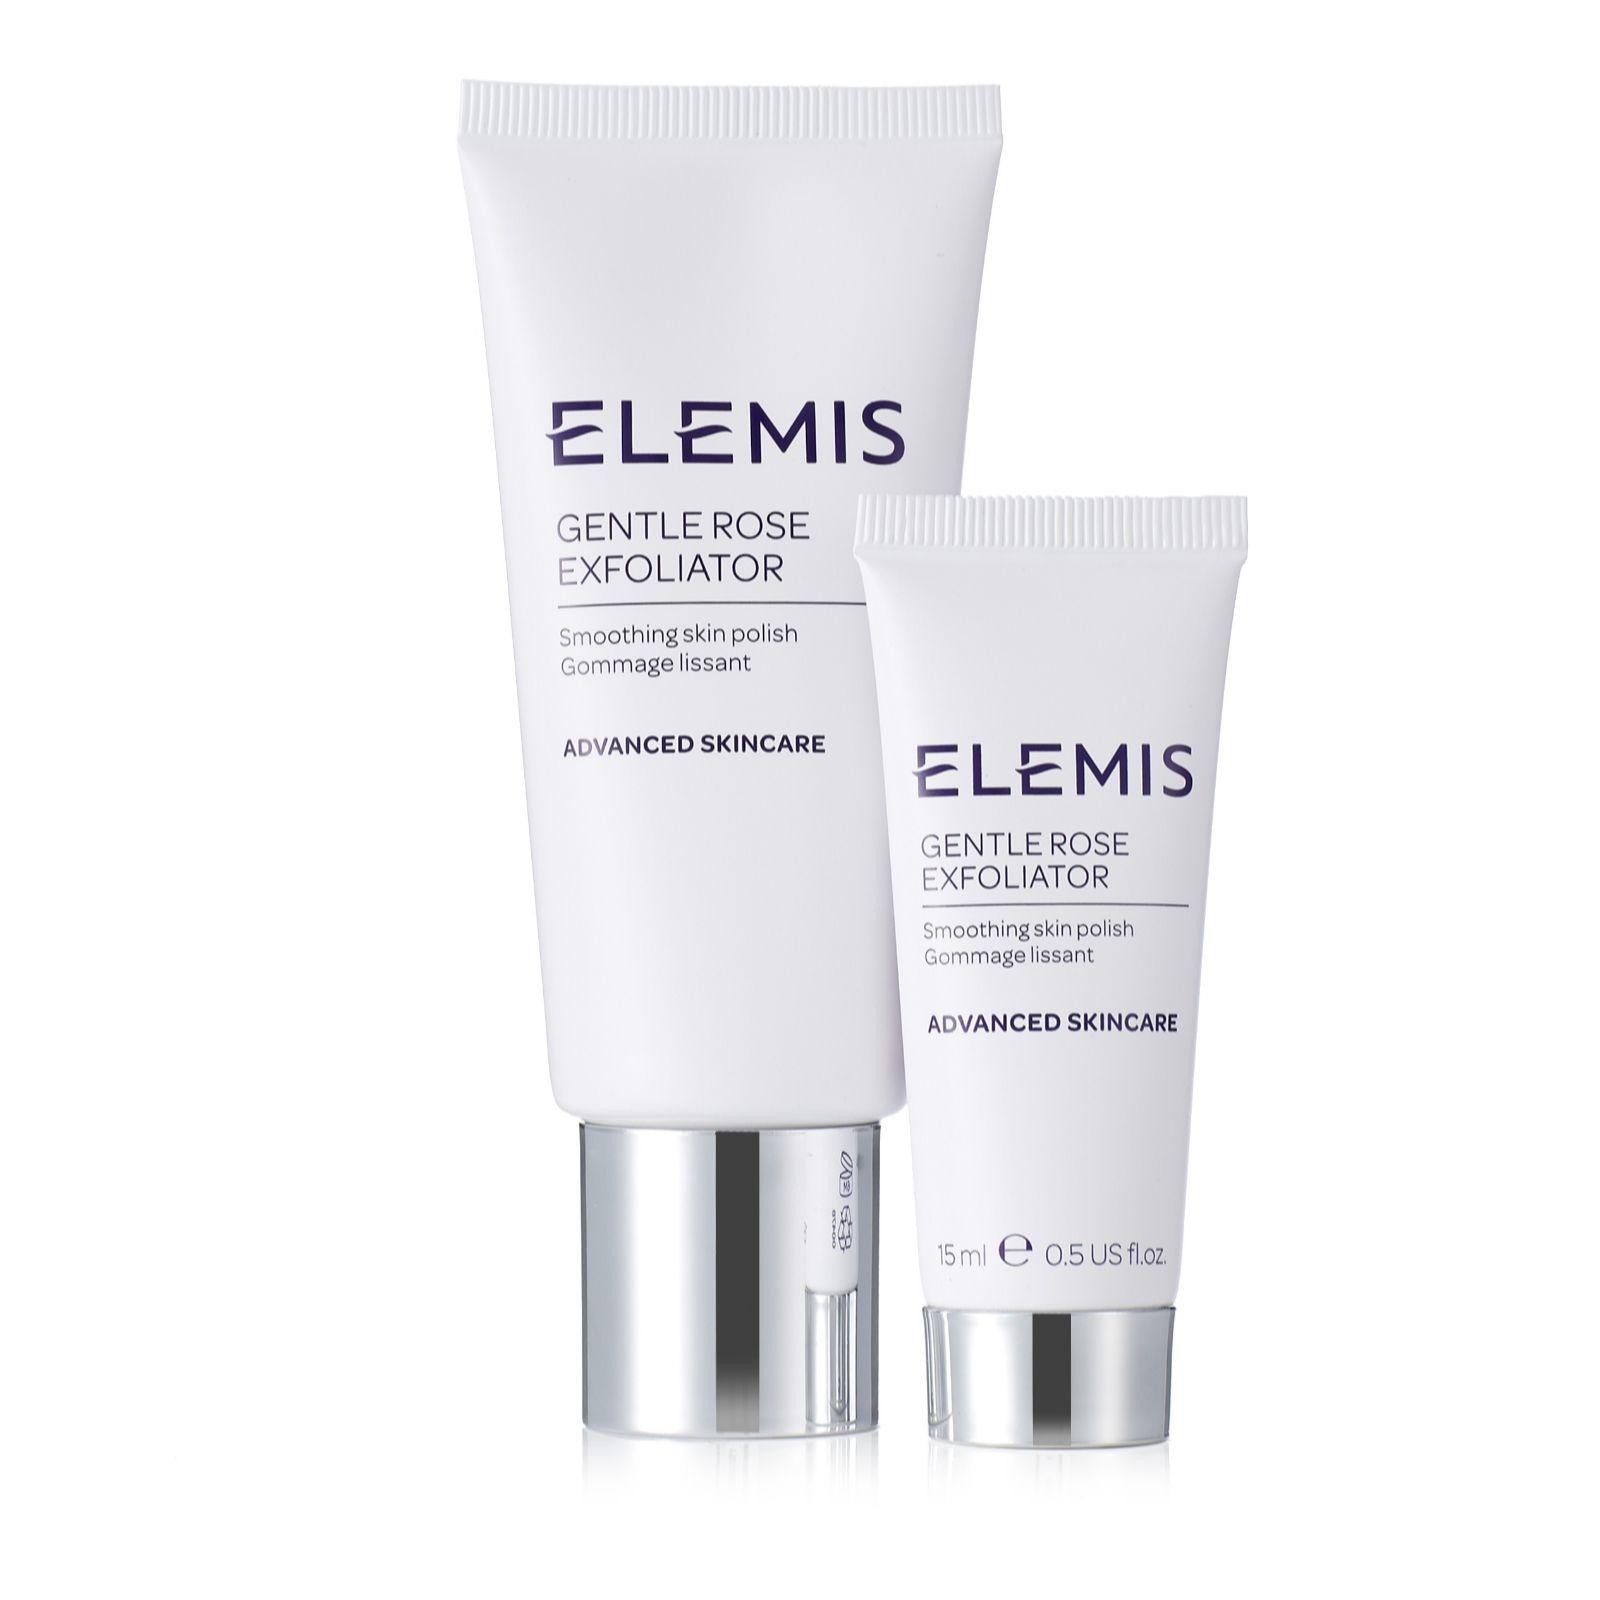 Elemis - Gentle Rose Exfoliator -50ml/1.8oz Fair & White Original Active Lightening Cream 100ml